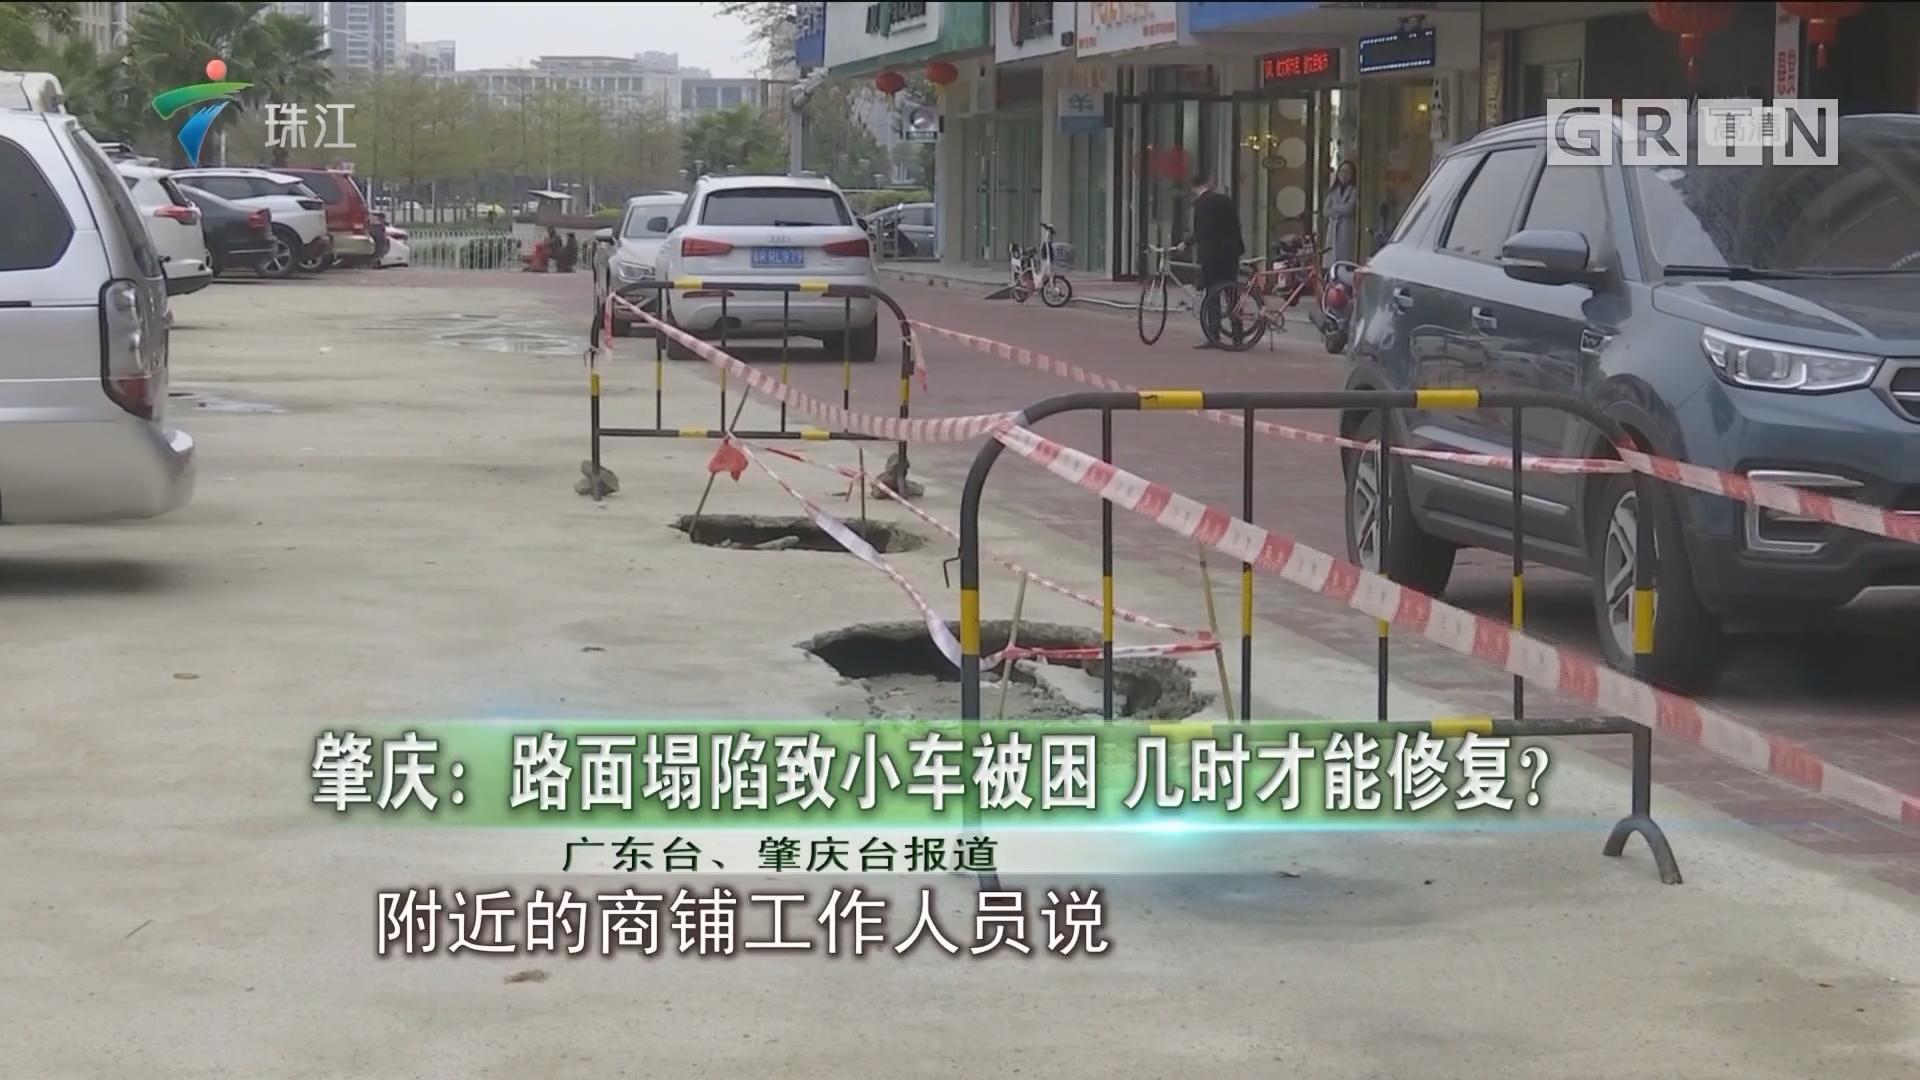 肇庆:路面塌陷致小车被困 几时才能修复?